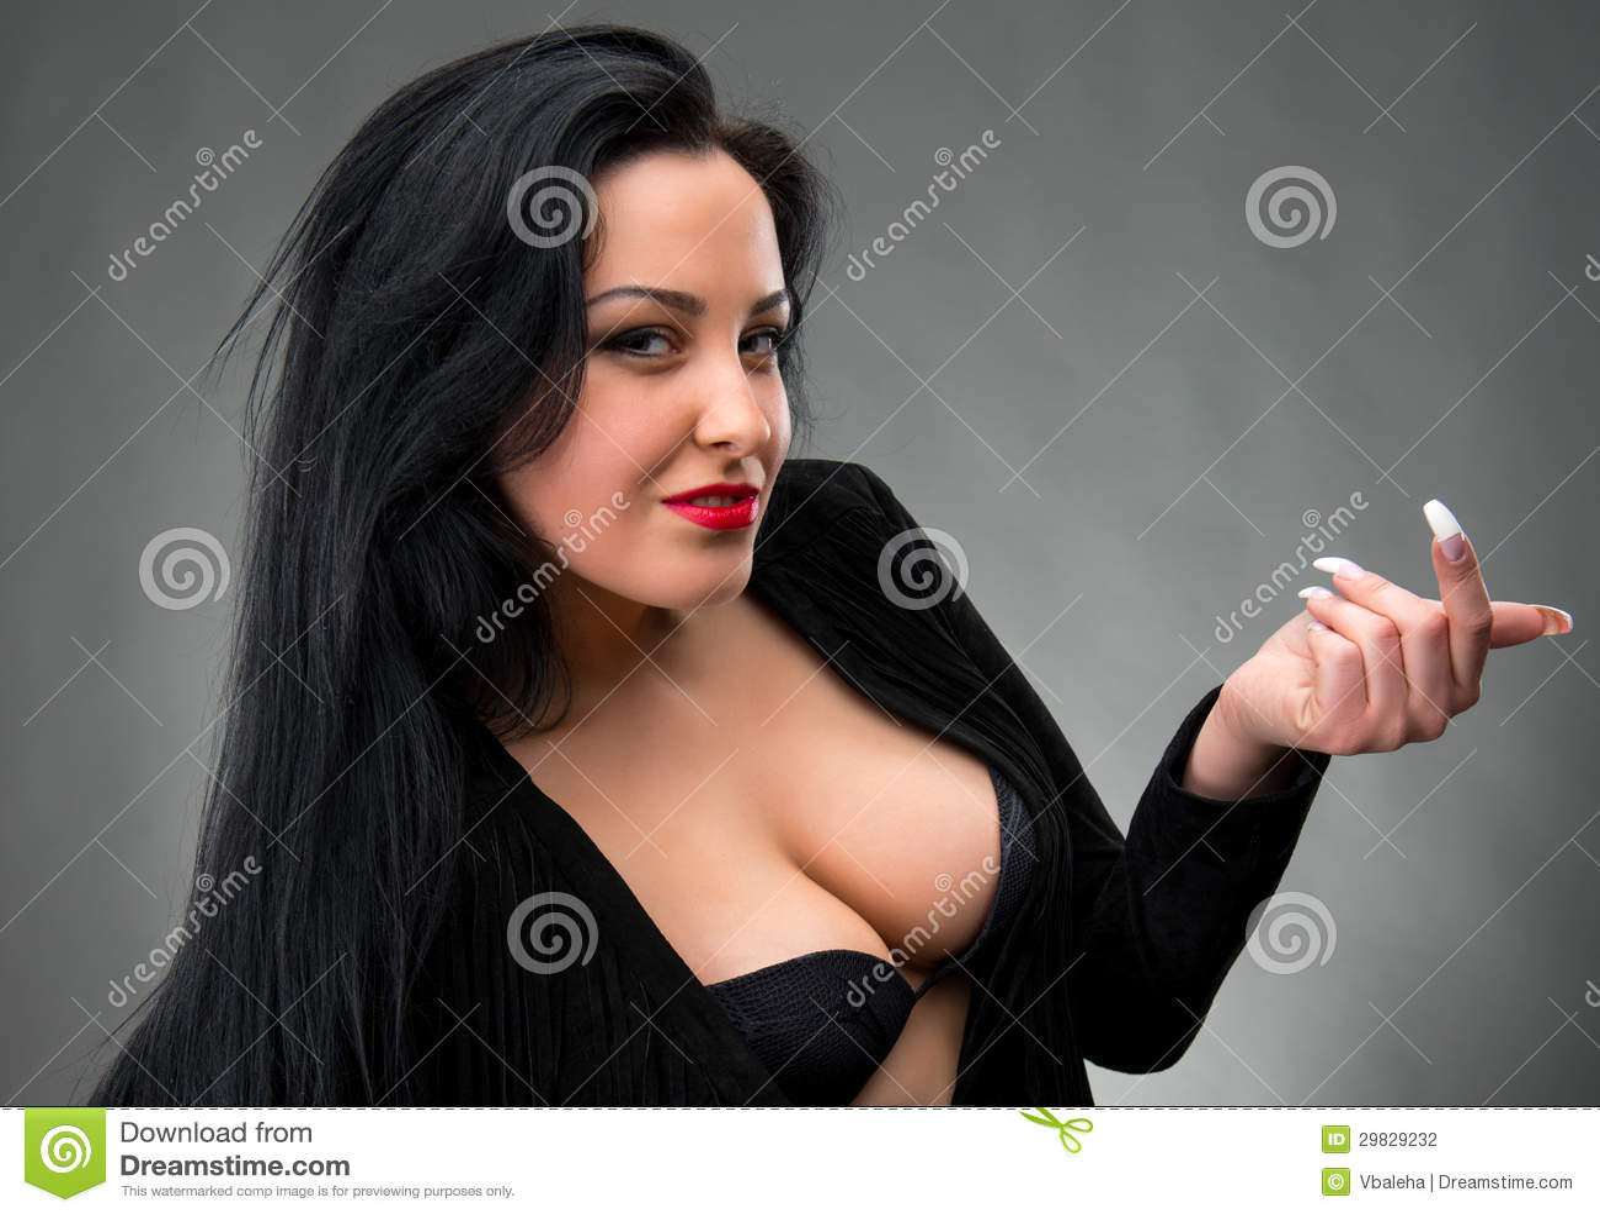 Holder smoking long nails 6